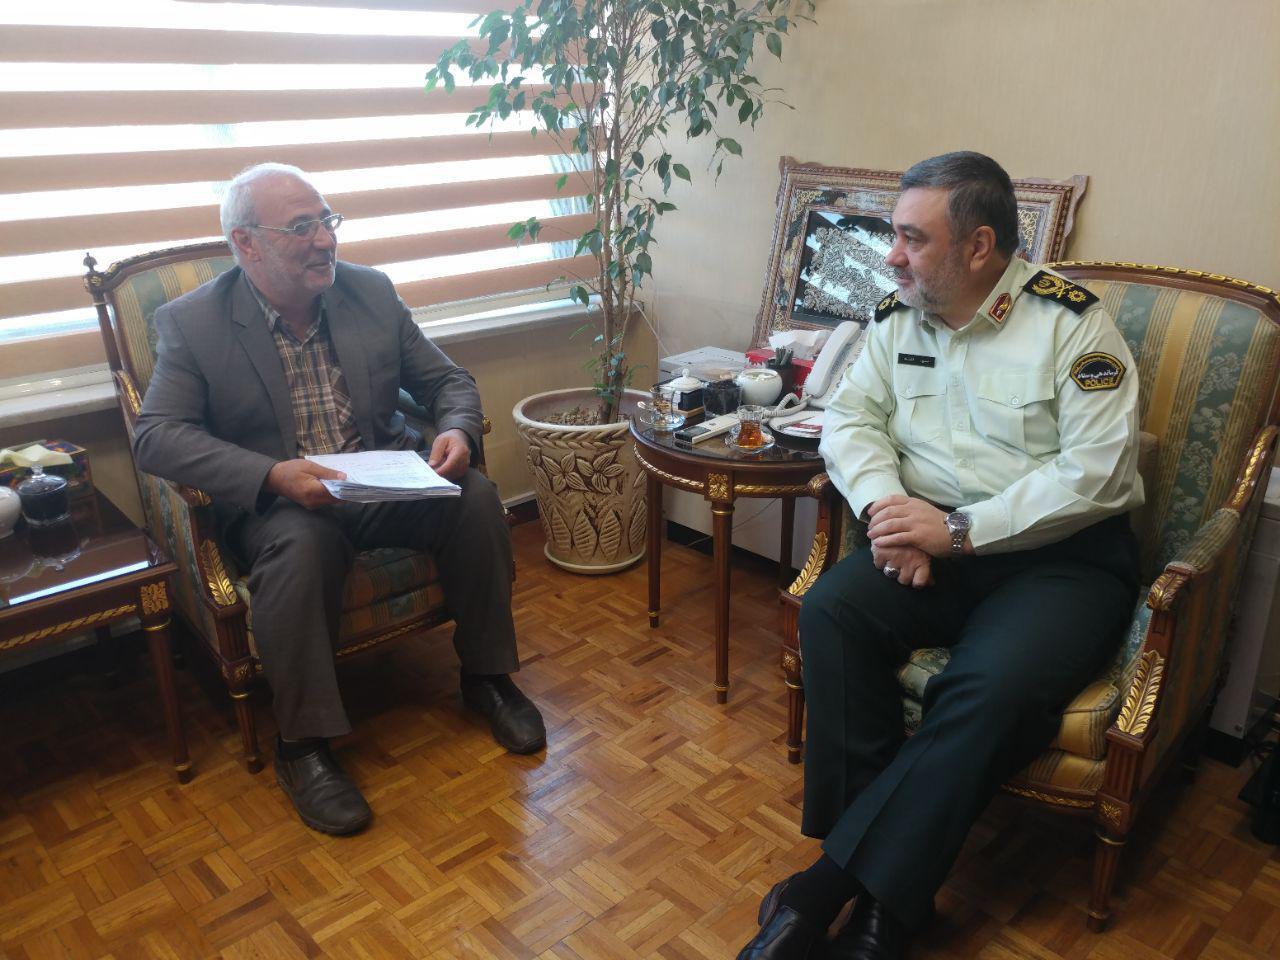 رایزنی برای حضور سردار اشتری فرمانده نیروی انتظامی جمهوری اسلامی ایران در منطقه